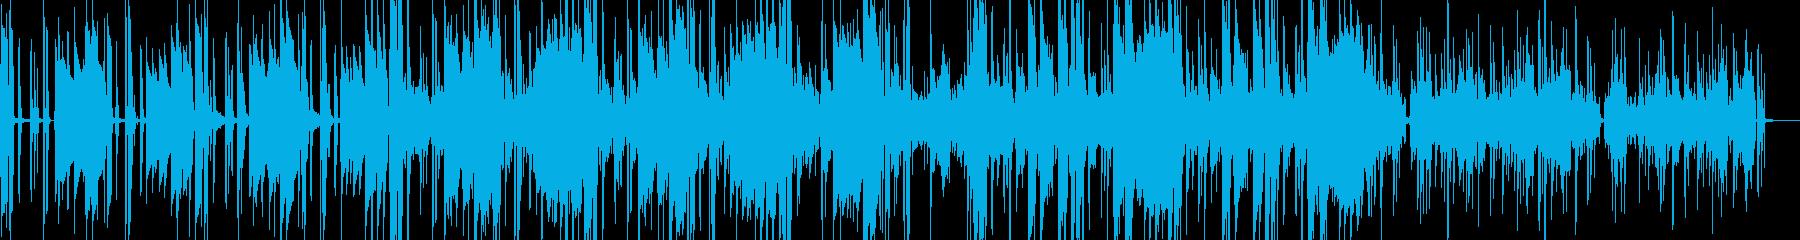 メロウな雰囲気のスローファンクの再生済みの波形